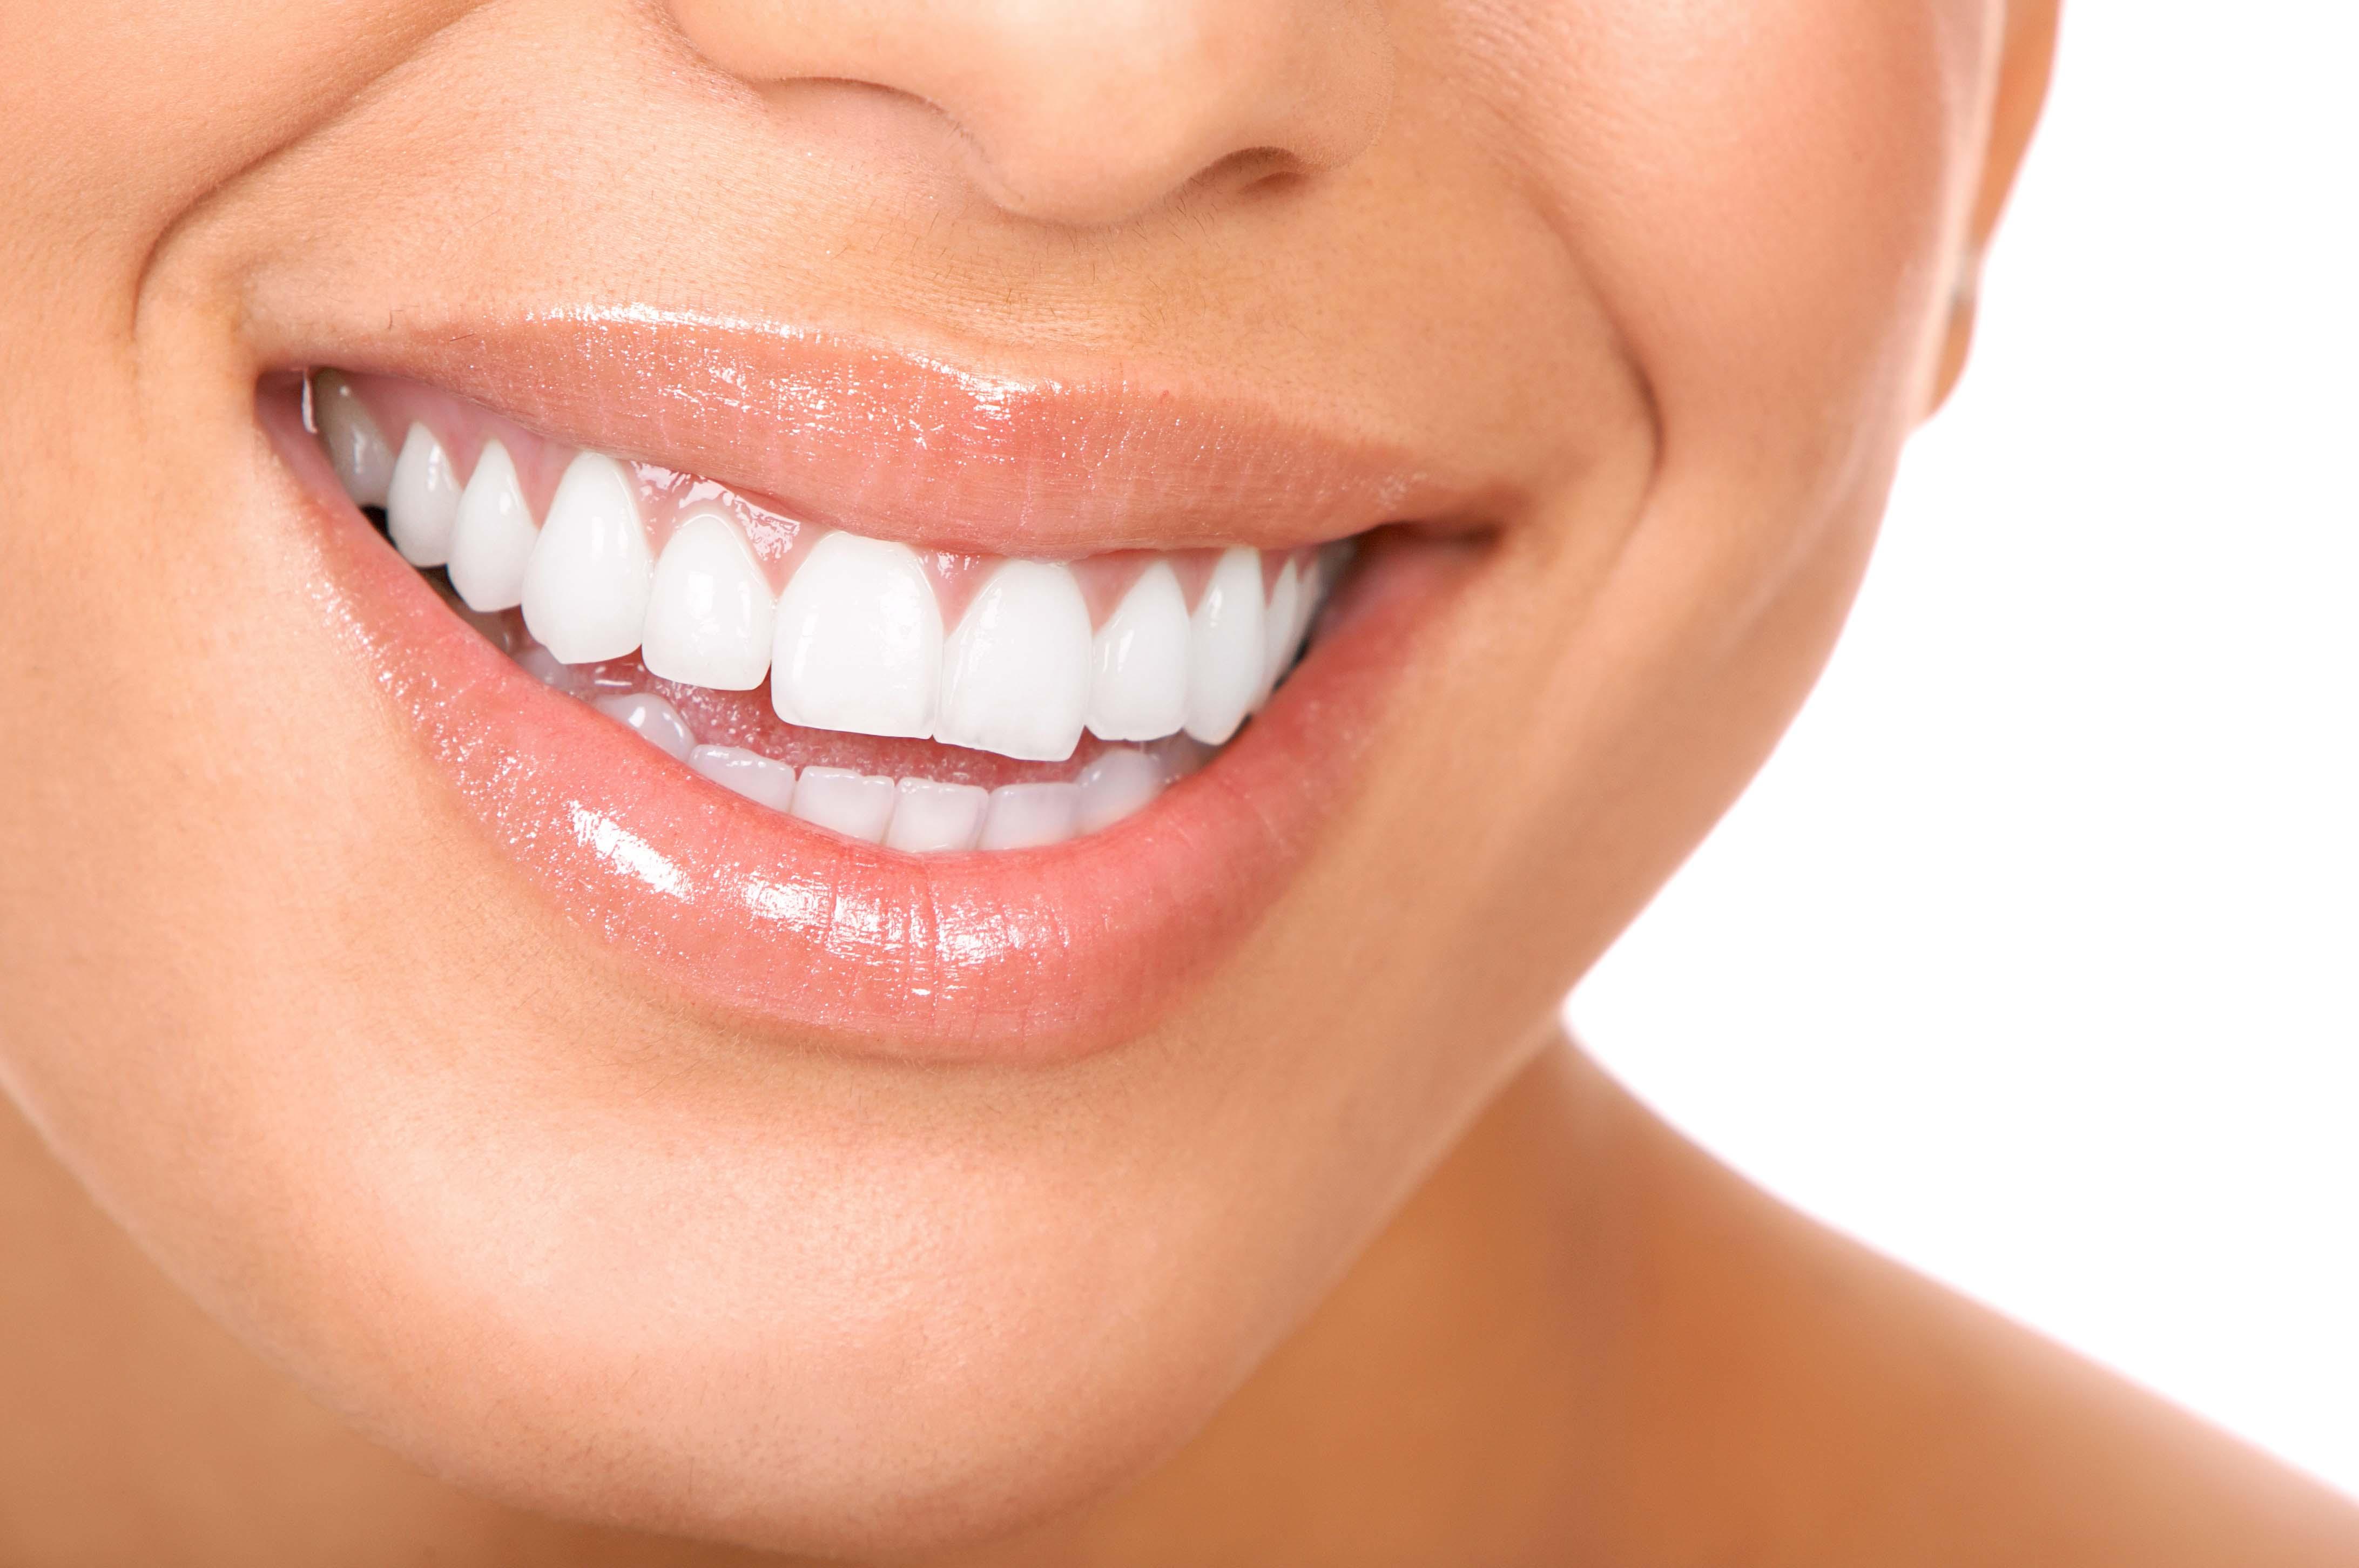 Malocclusione dentale: conseguenze e soluzioni